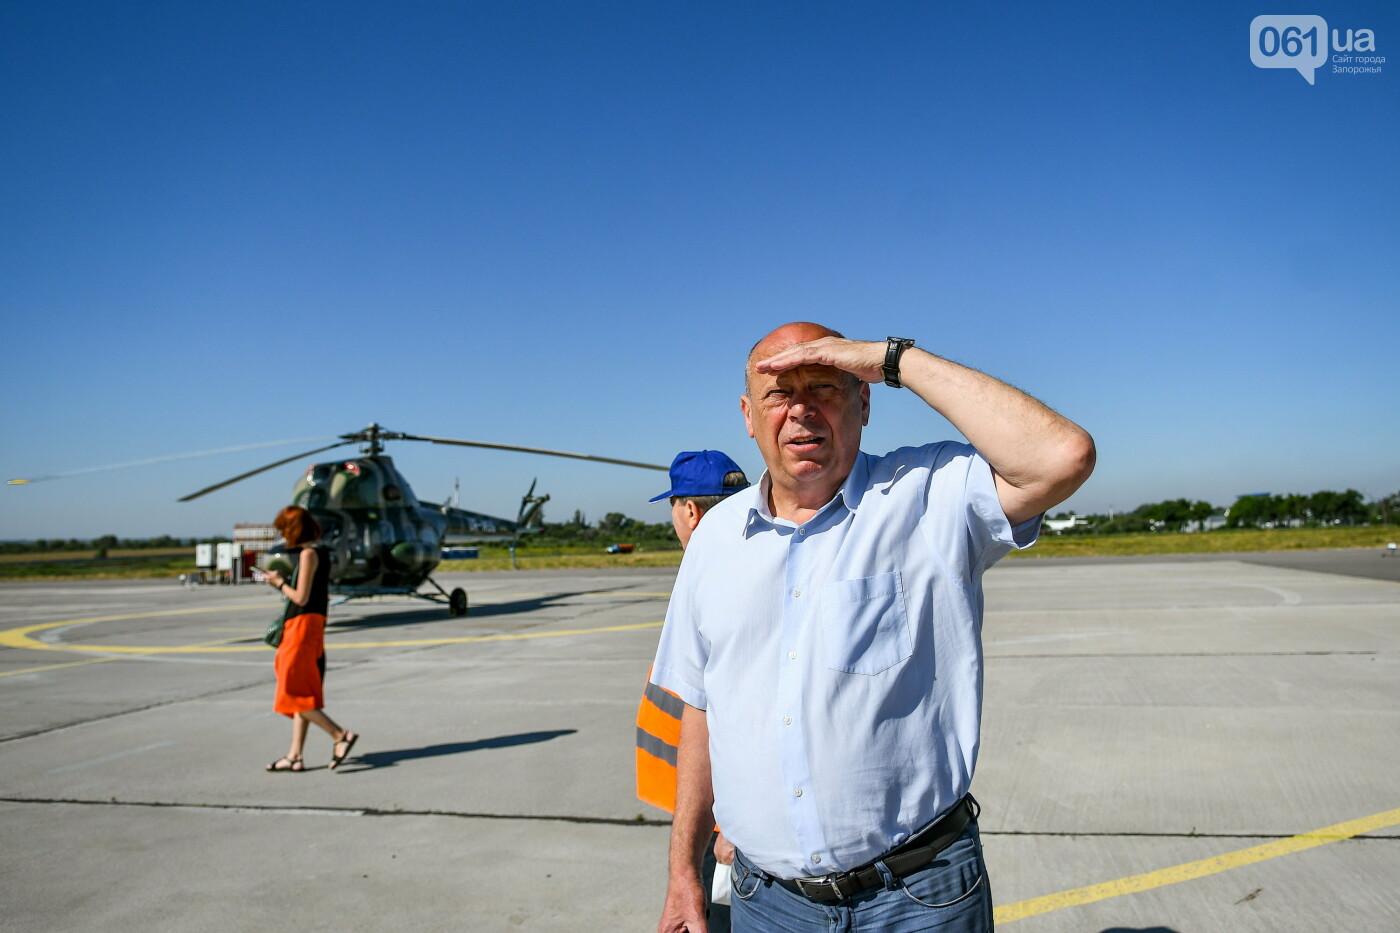 В Запорожье проходят соревнования по вертолетному спорту, - ФОТОРЕПОРТАЖ, фото-26